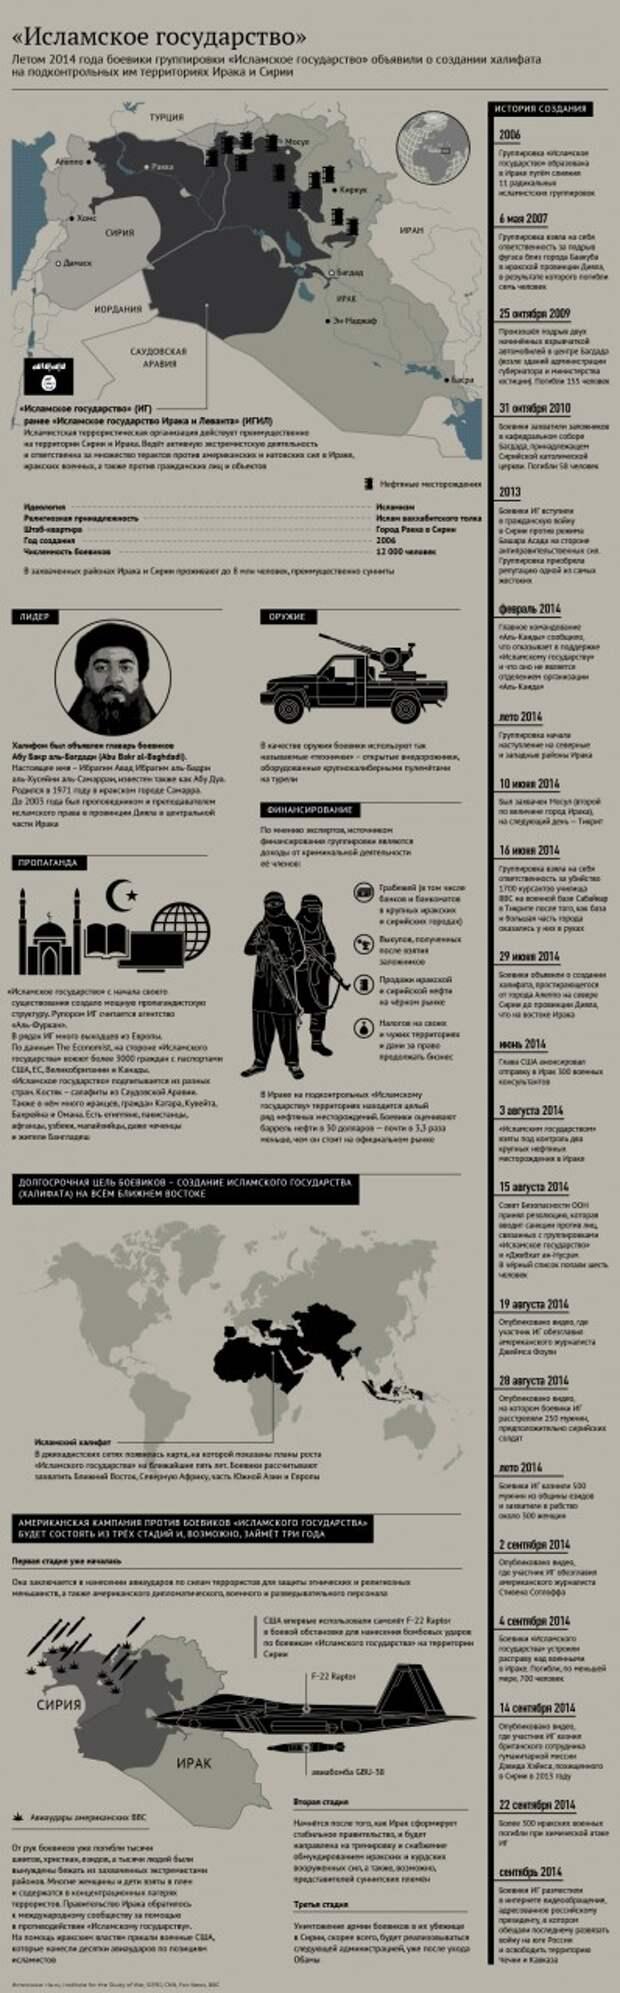 «Исламское Государство» создает химическое оружие - МИД Австралии